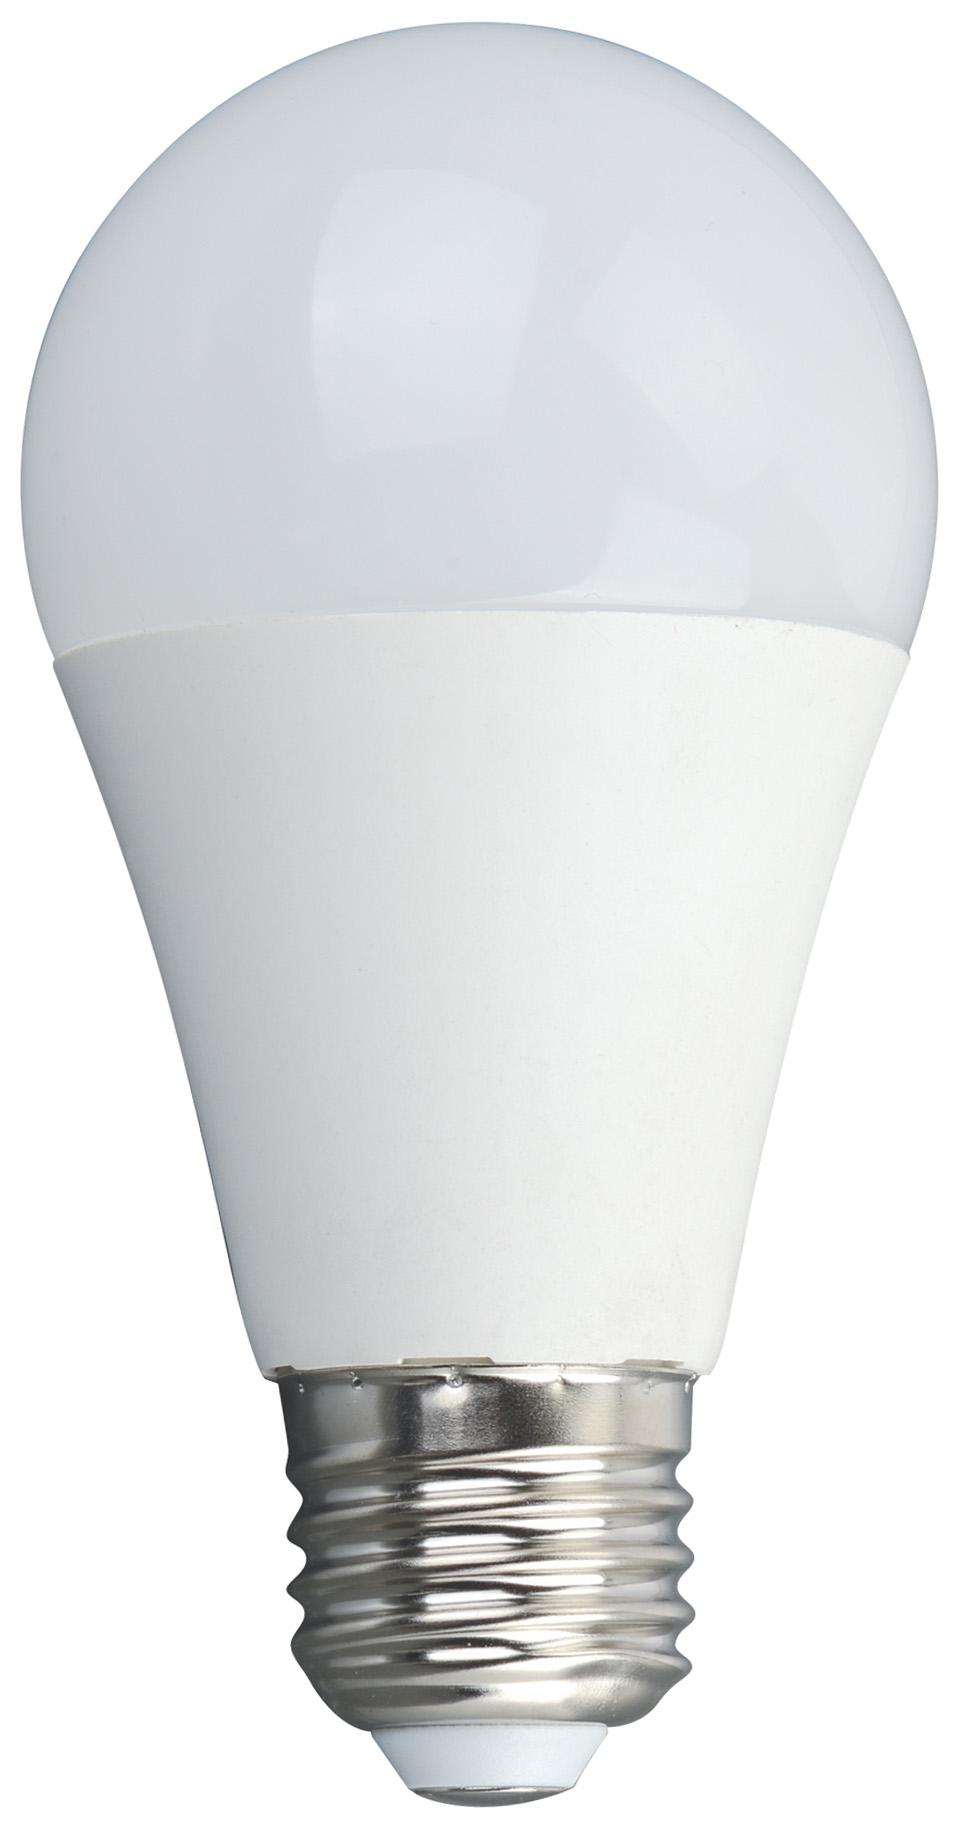 LED Lampe ersetzt 95W E27 matt 15W 1400lm 3000K warmweiß 270° 230V ...